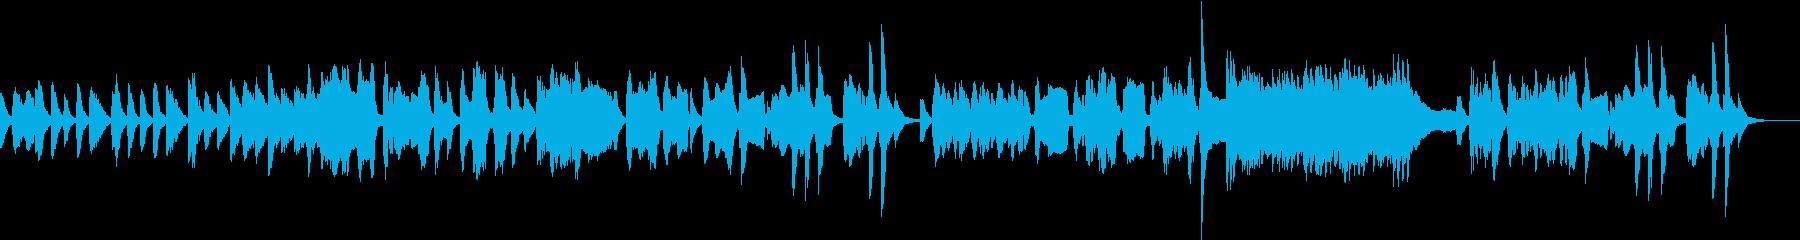 東欧風、ジプシーのような3拍子の曲の再生済みの波形